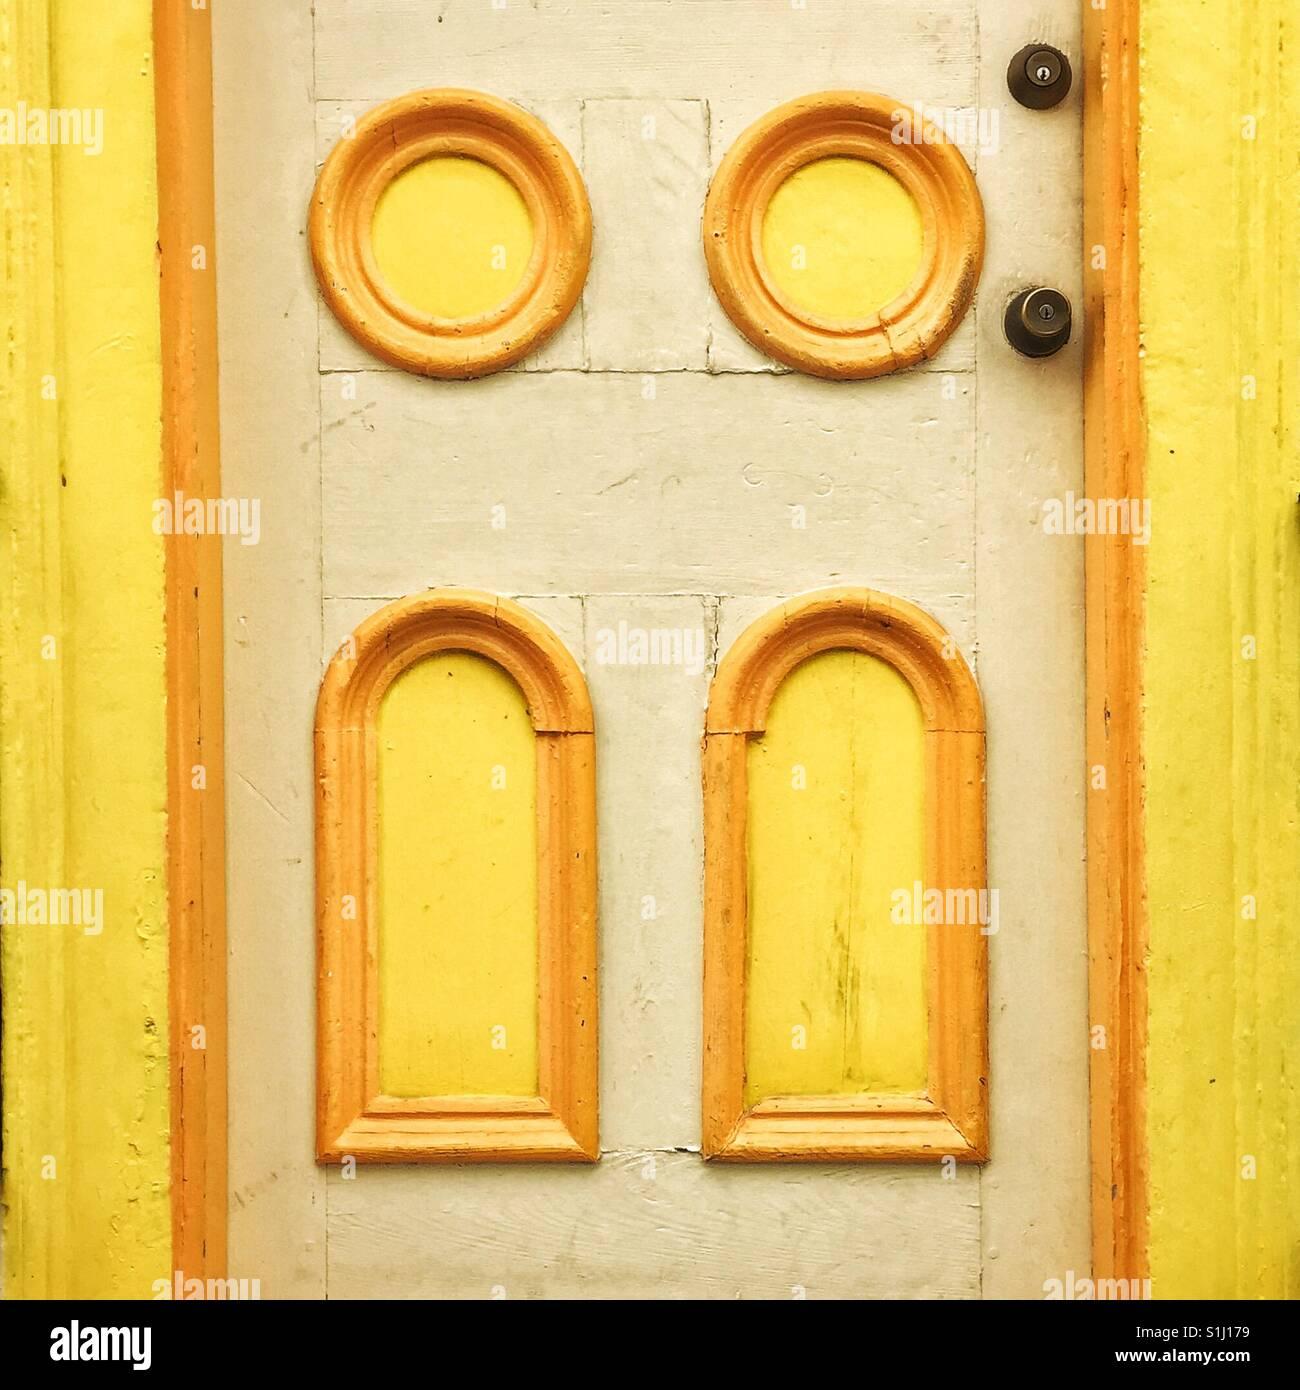 Dekorative Elemente an der Tür in New Orleans lackiert helles Gelb Stockbild